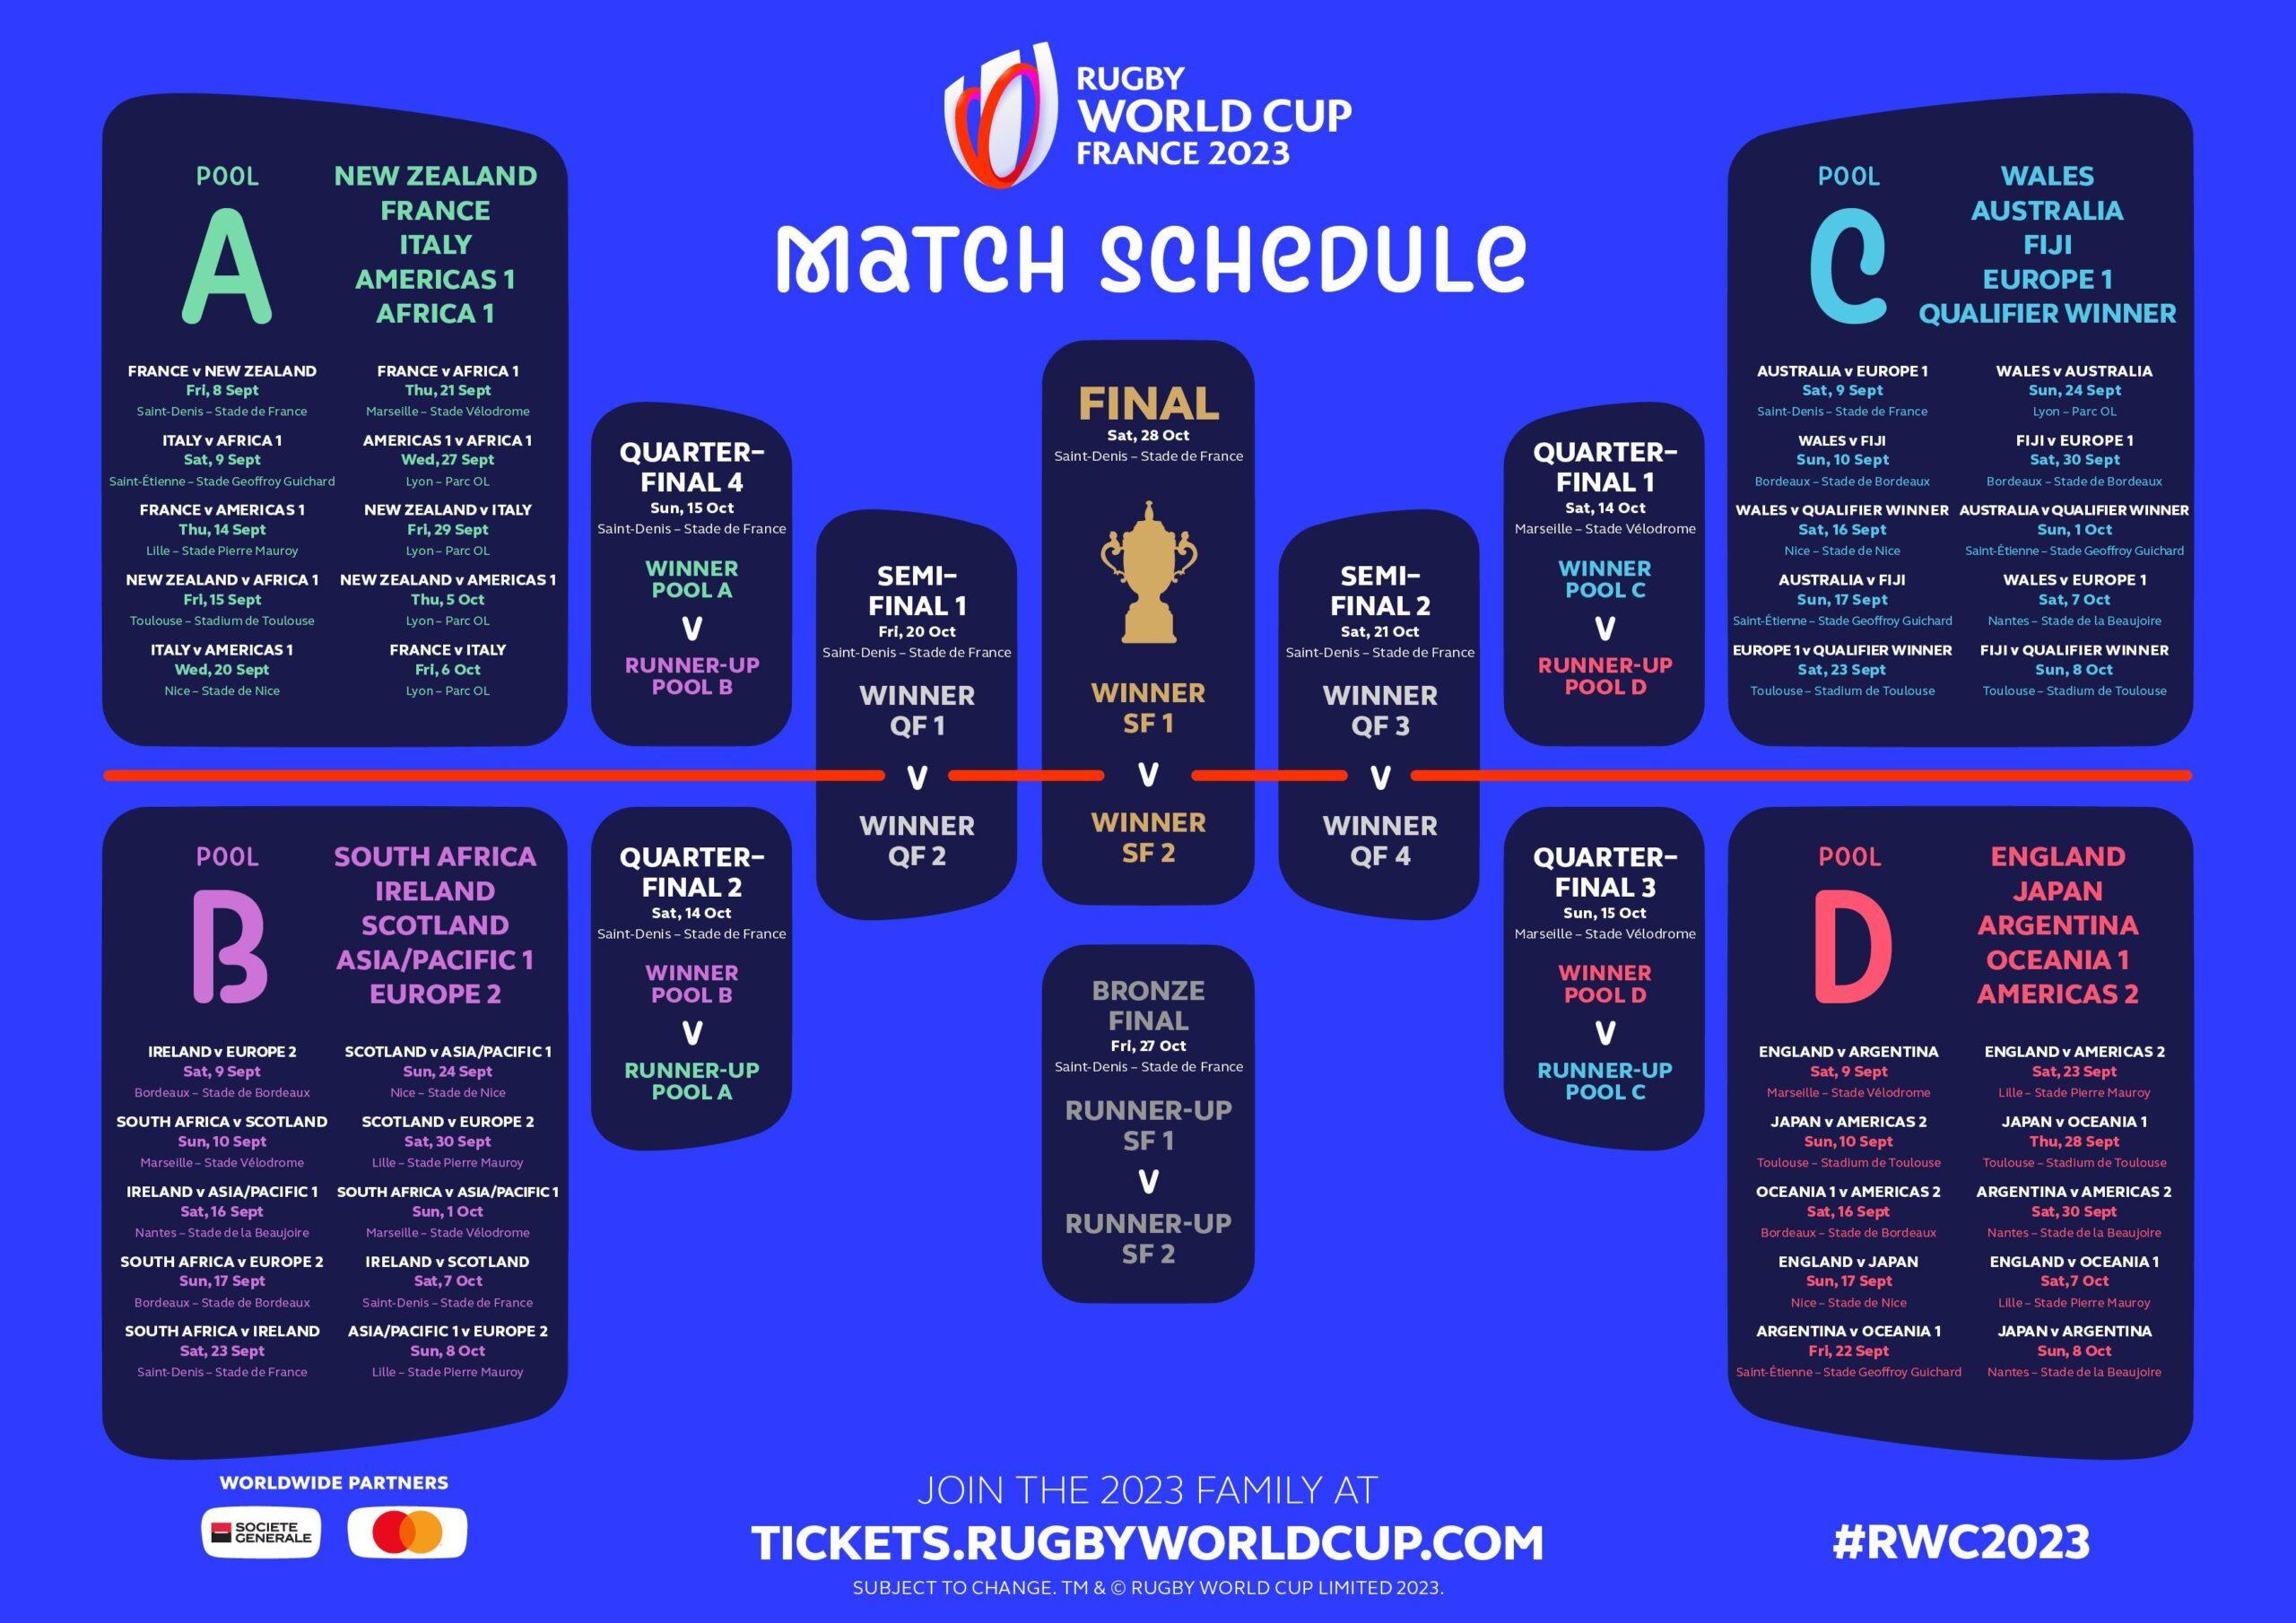 ラグビーワールドカップフランス大会の日程が決定しましたね。